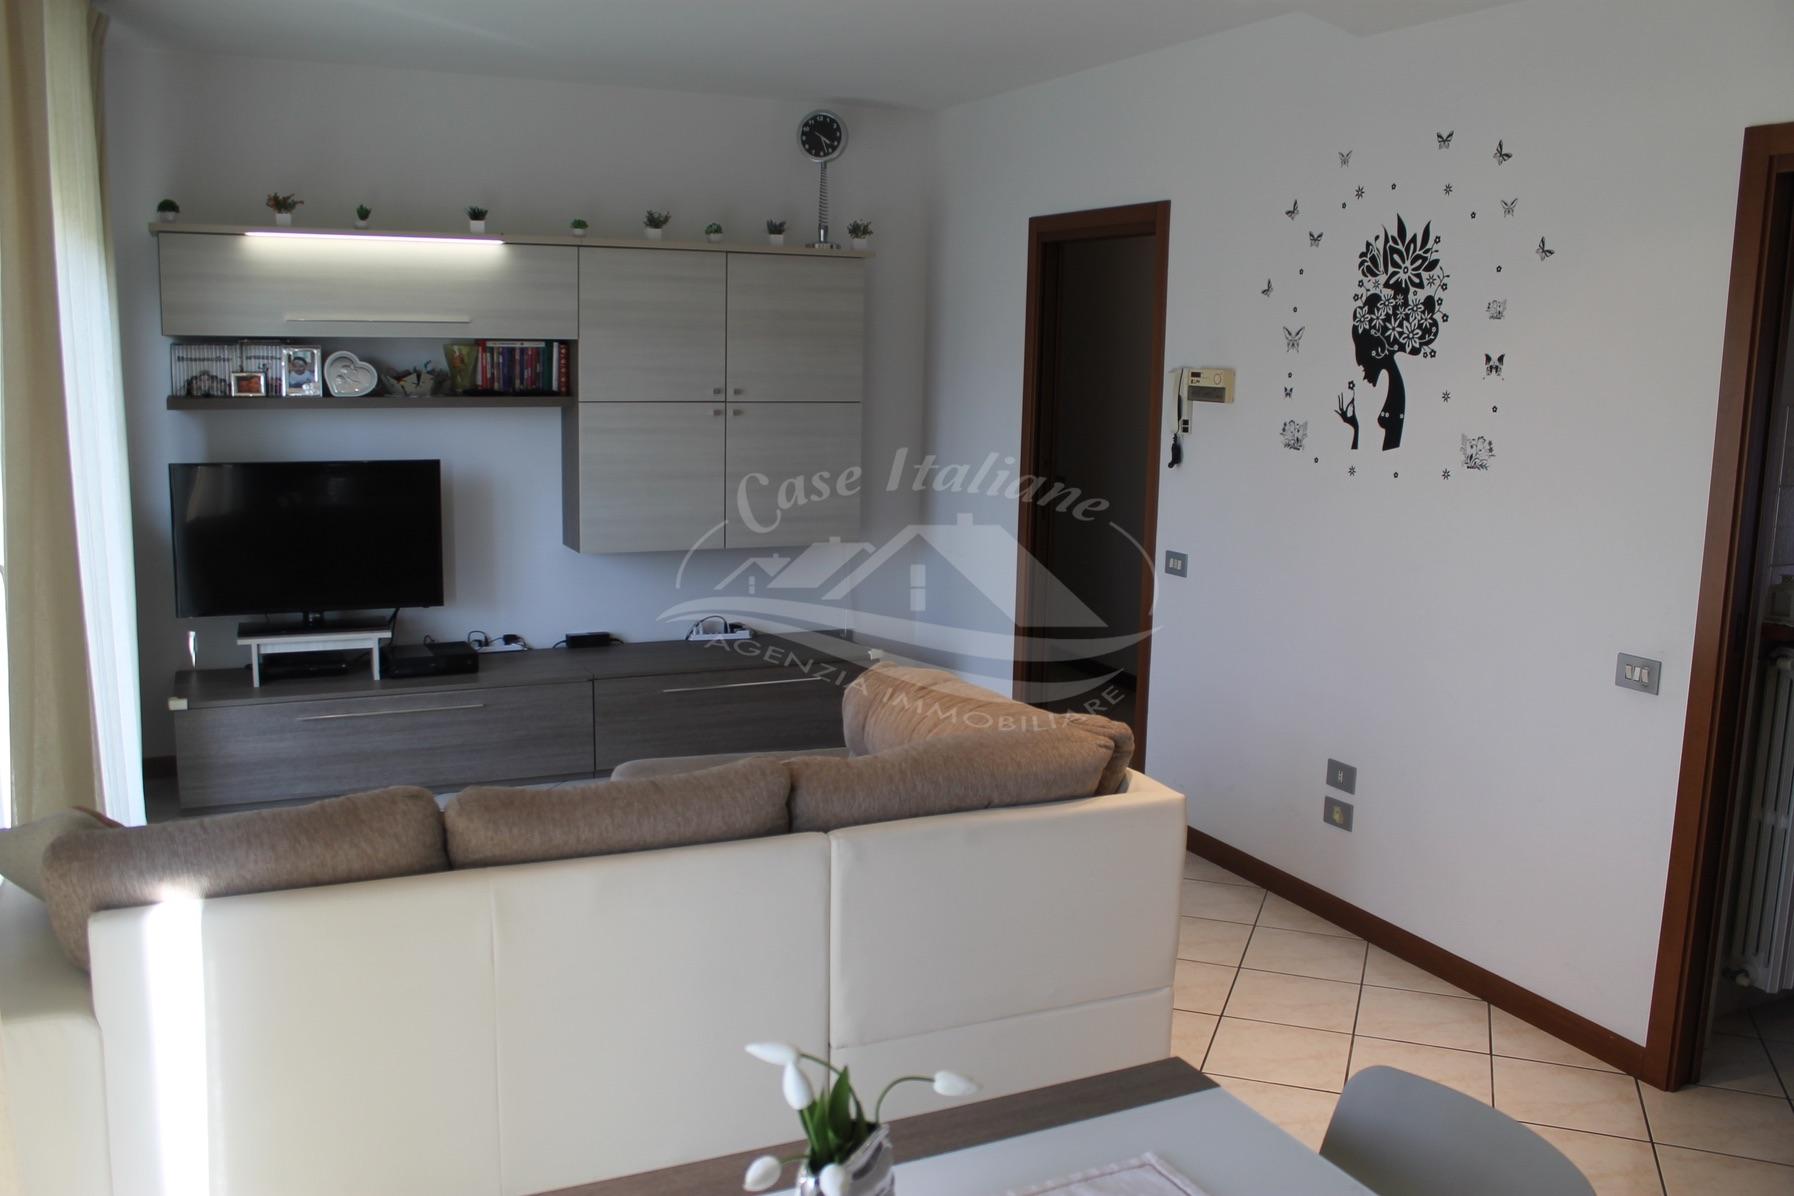 Appartamento con 3 balconi a Novedrate